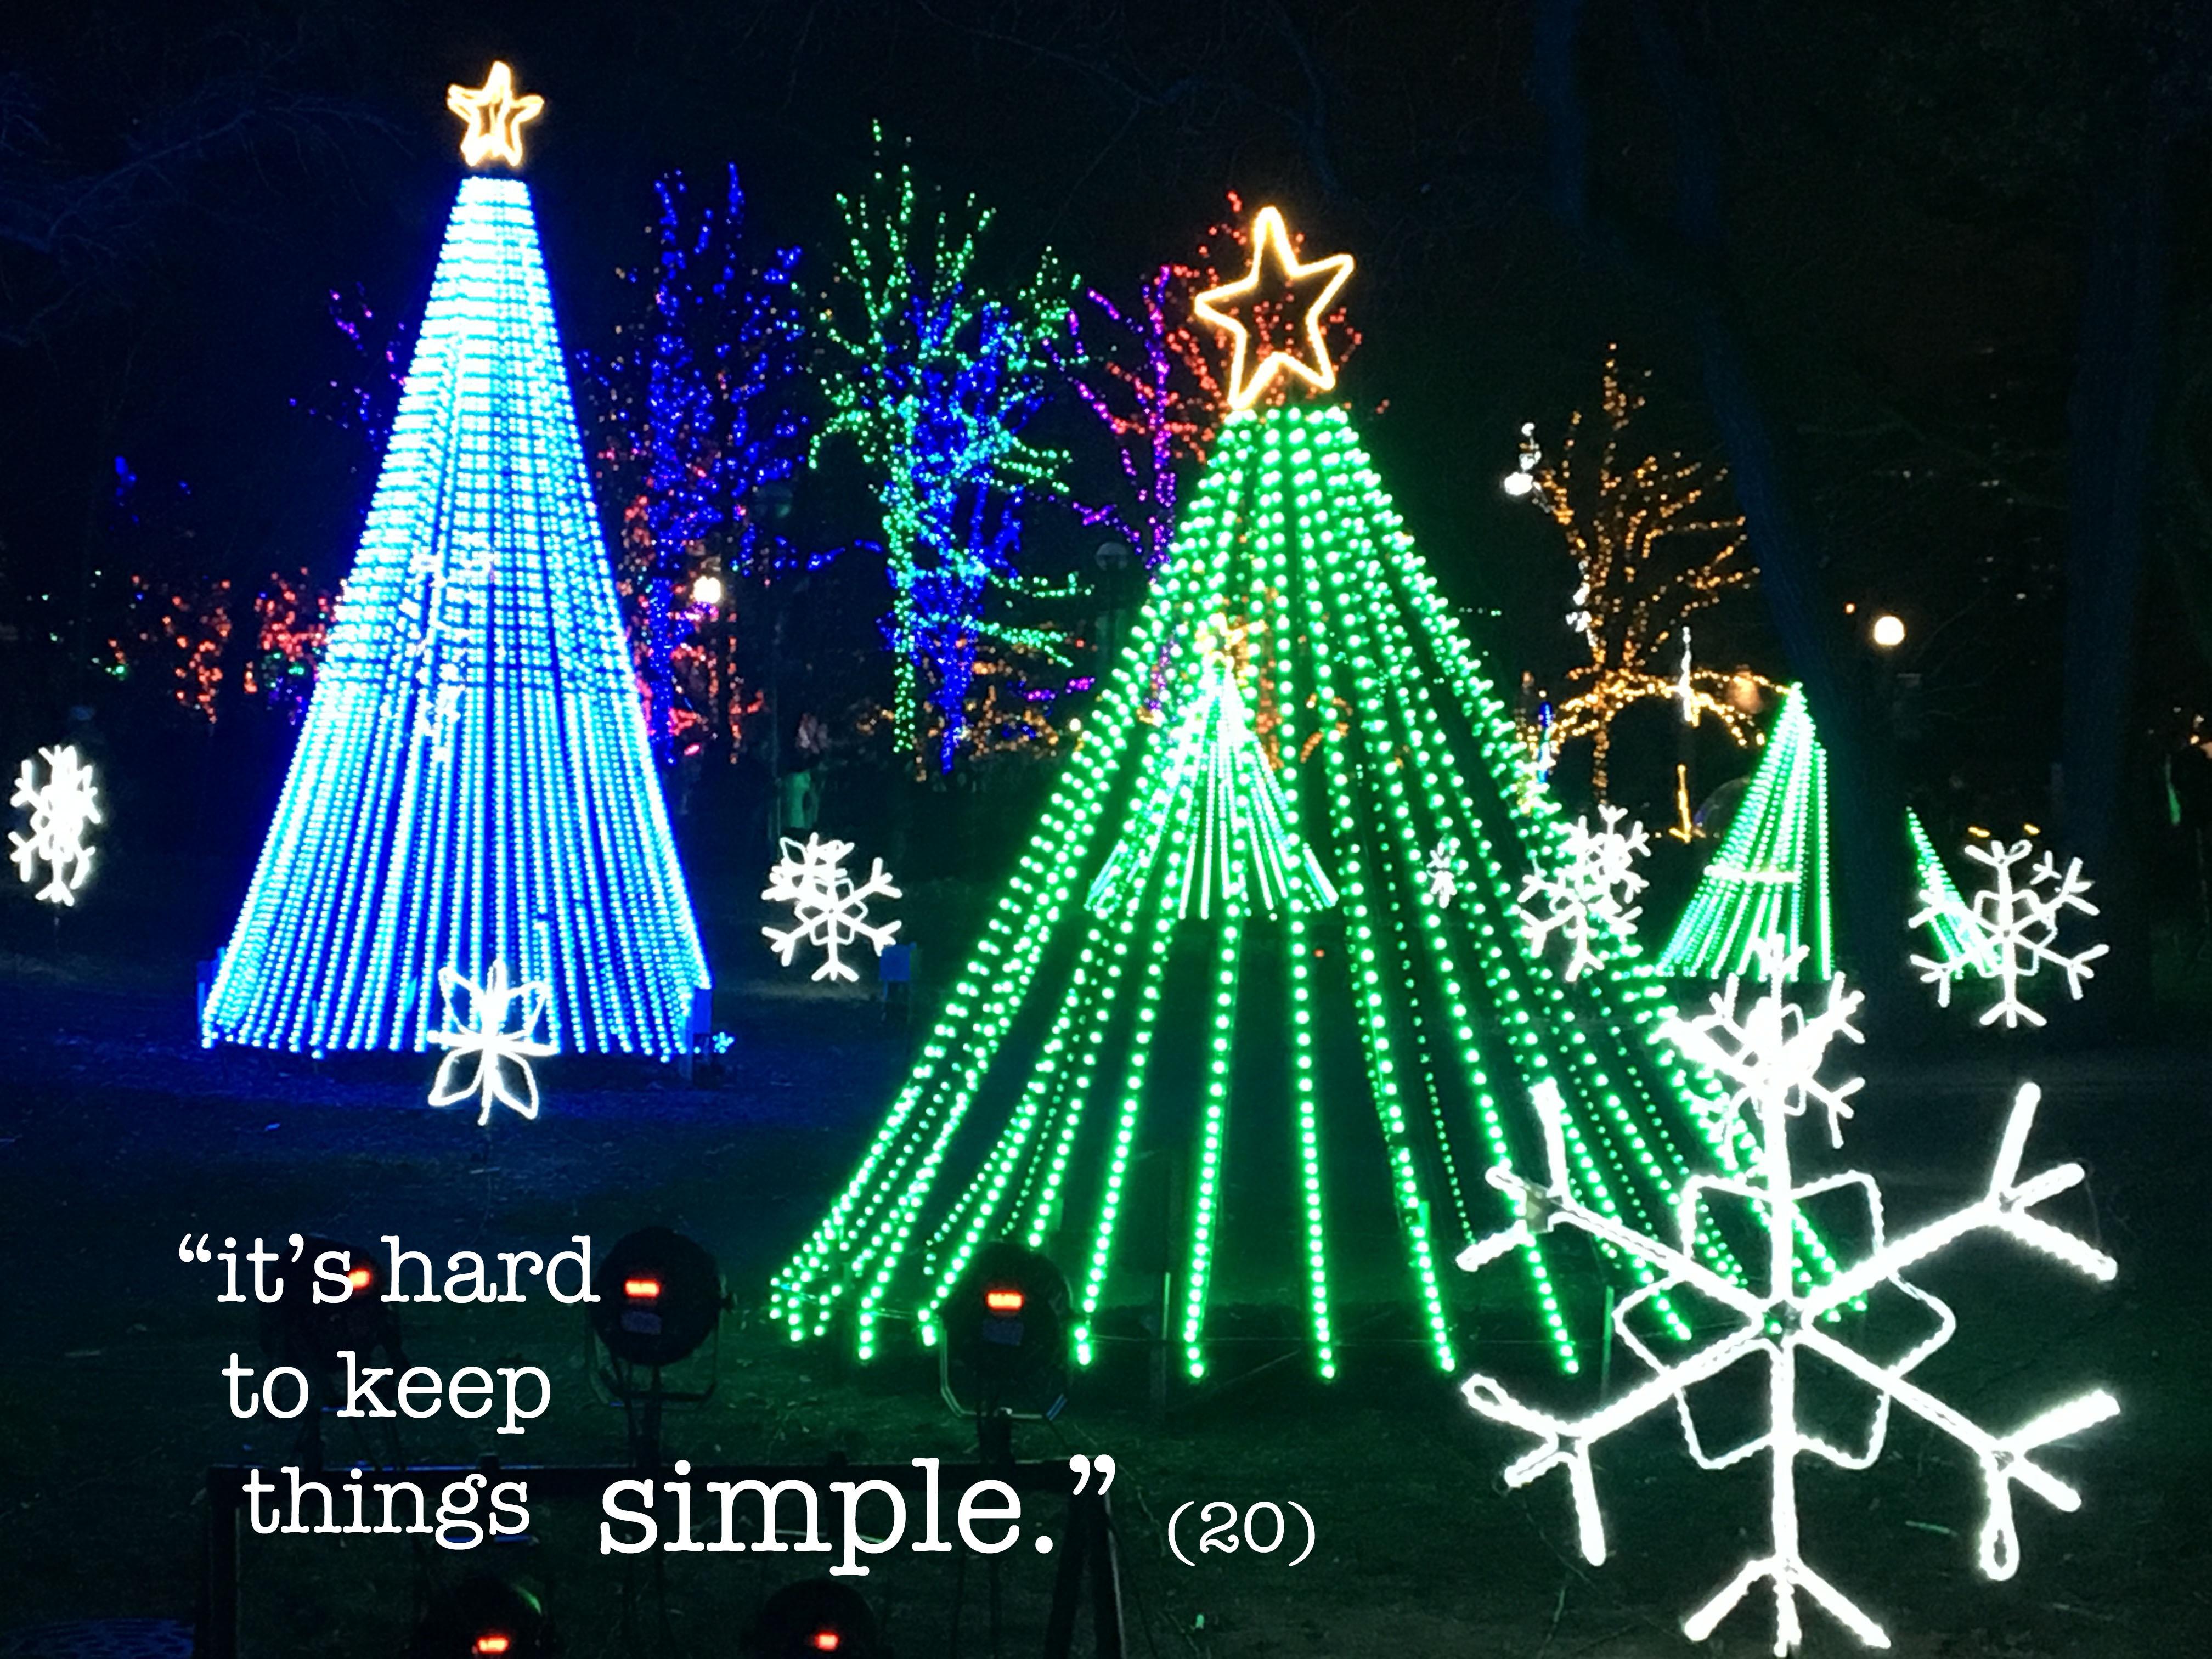 keep things simple copy